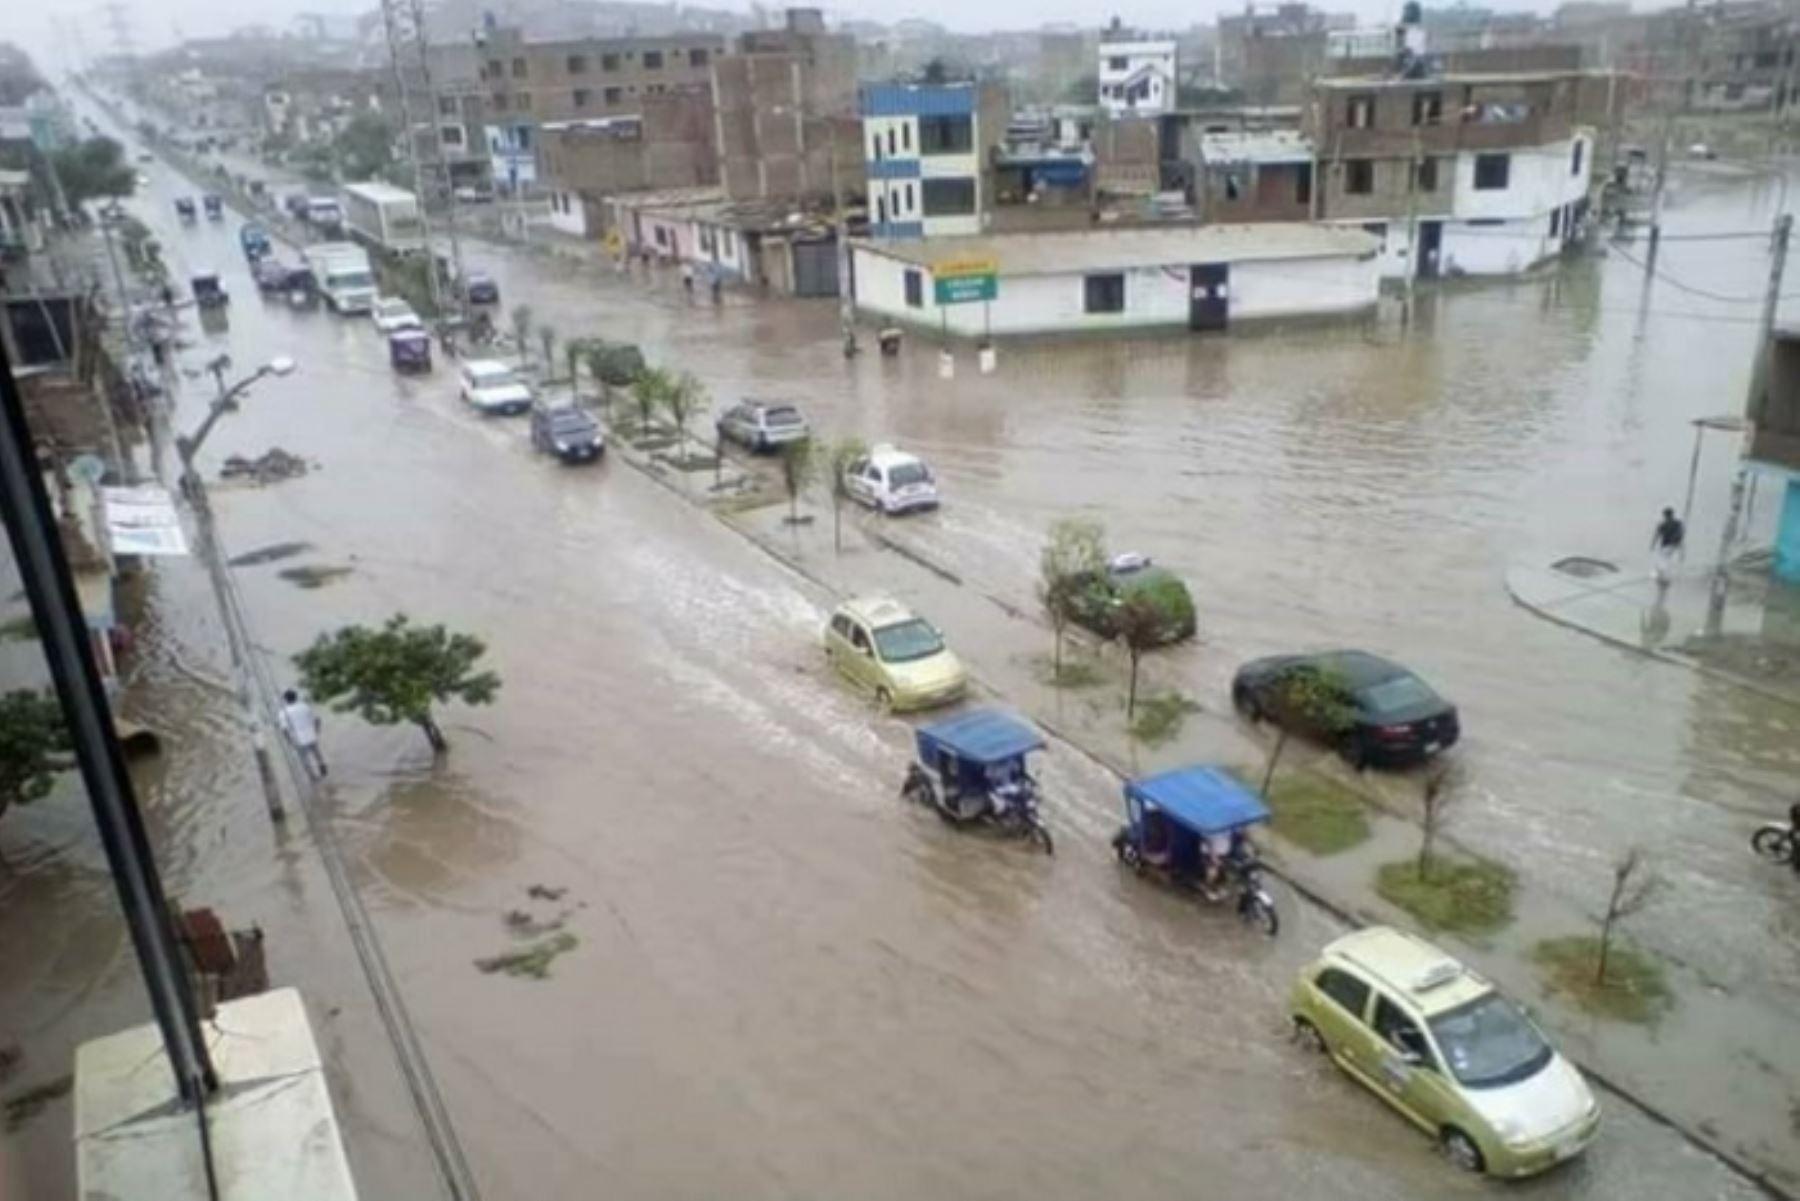 El Senamhi prevé acumulados máximos de lluvia superiores a los 20 milímetros por día a lo largo de la Sierra norte, centro y sur.